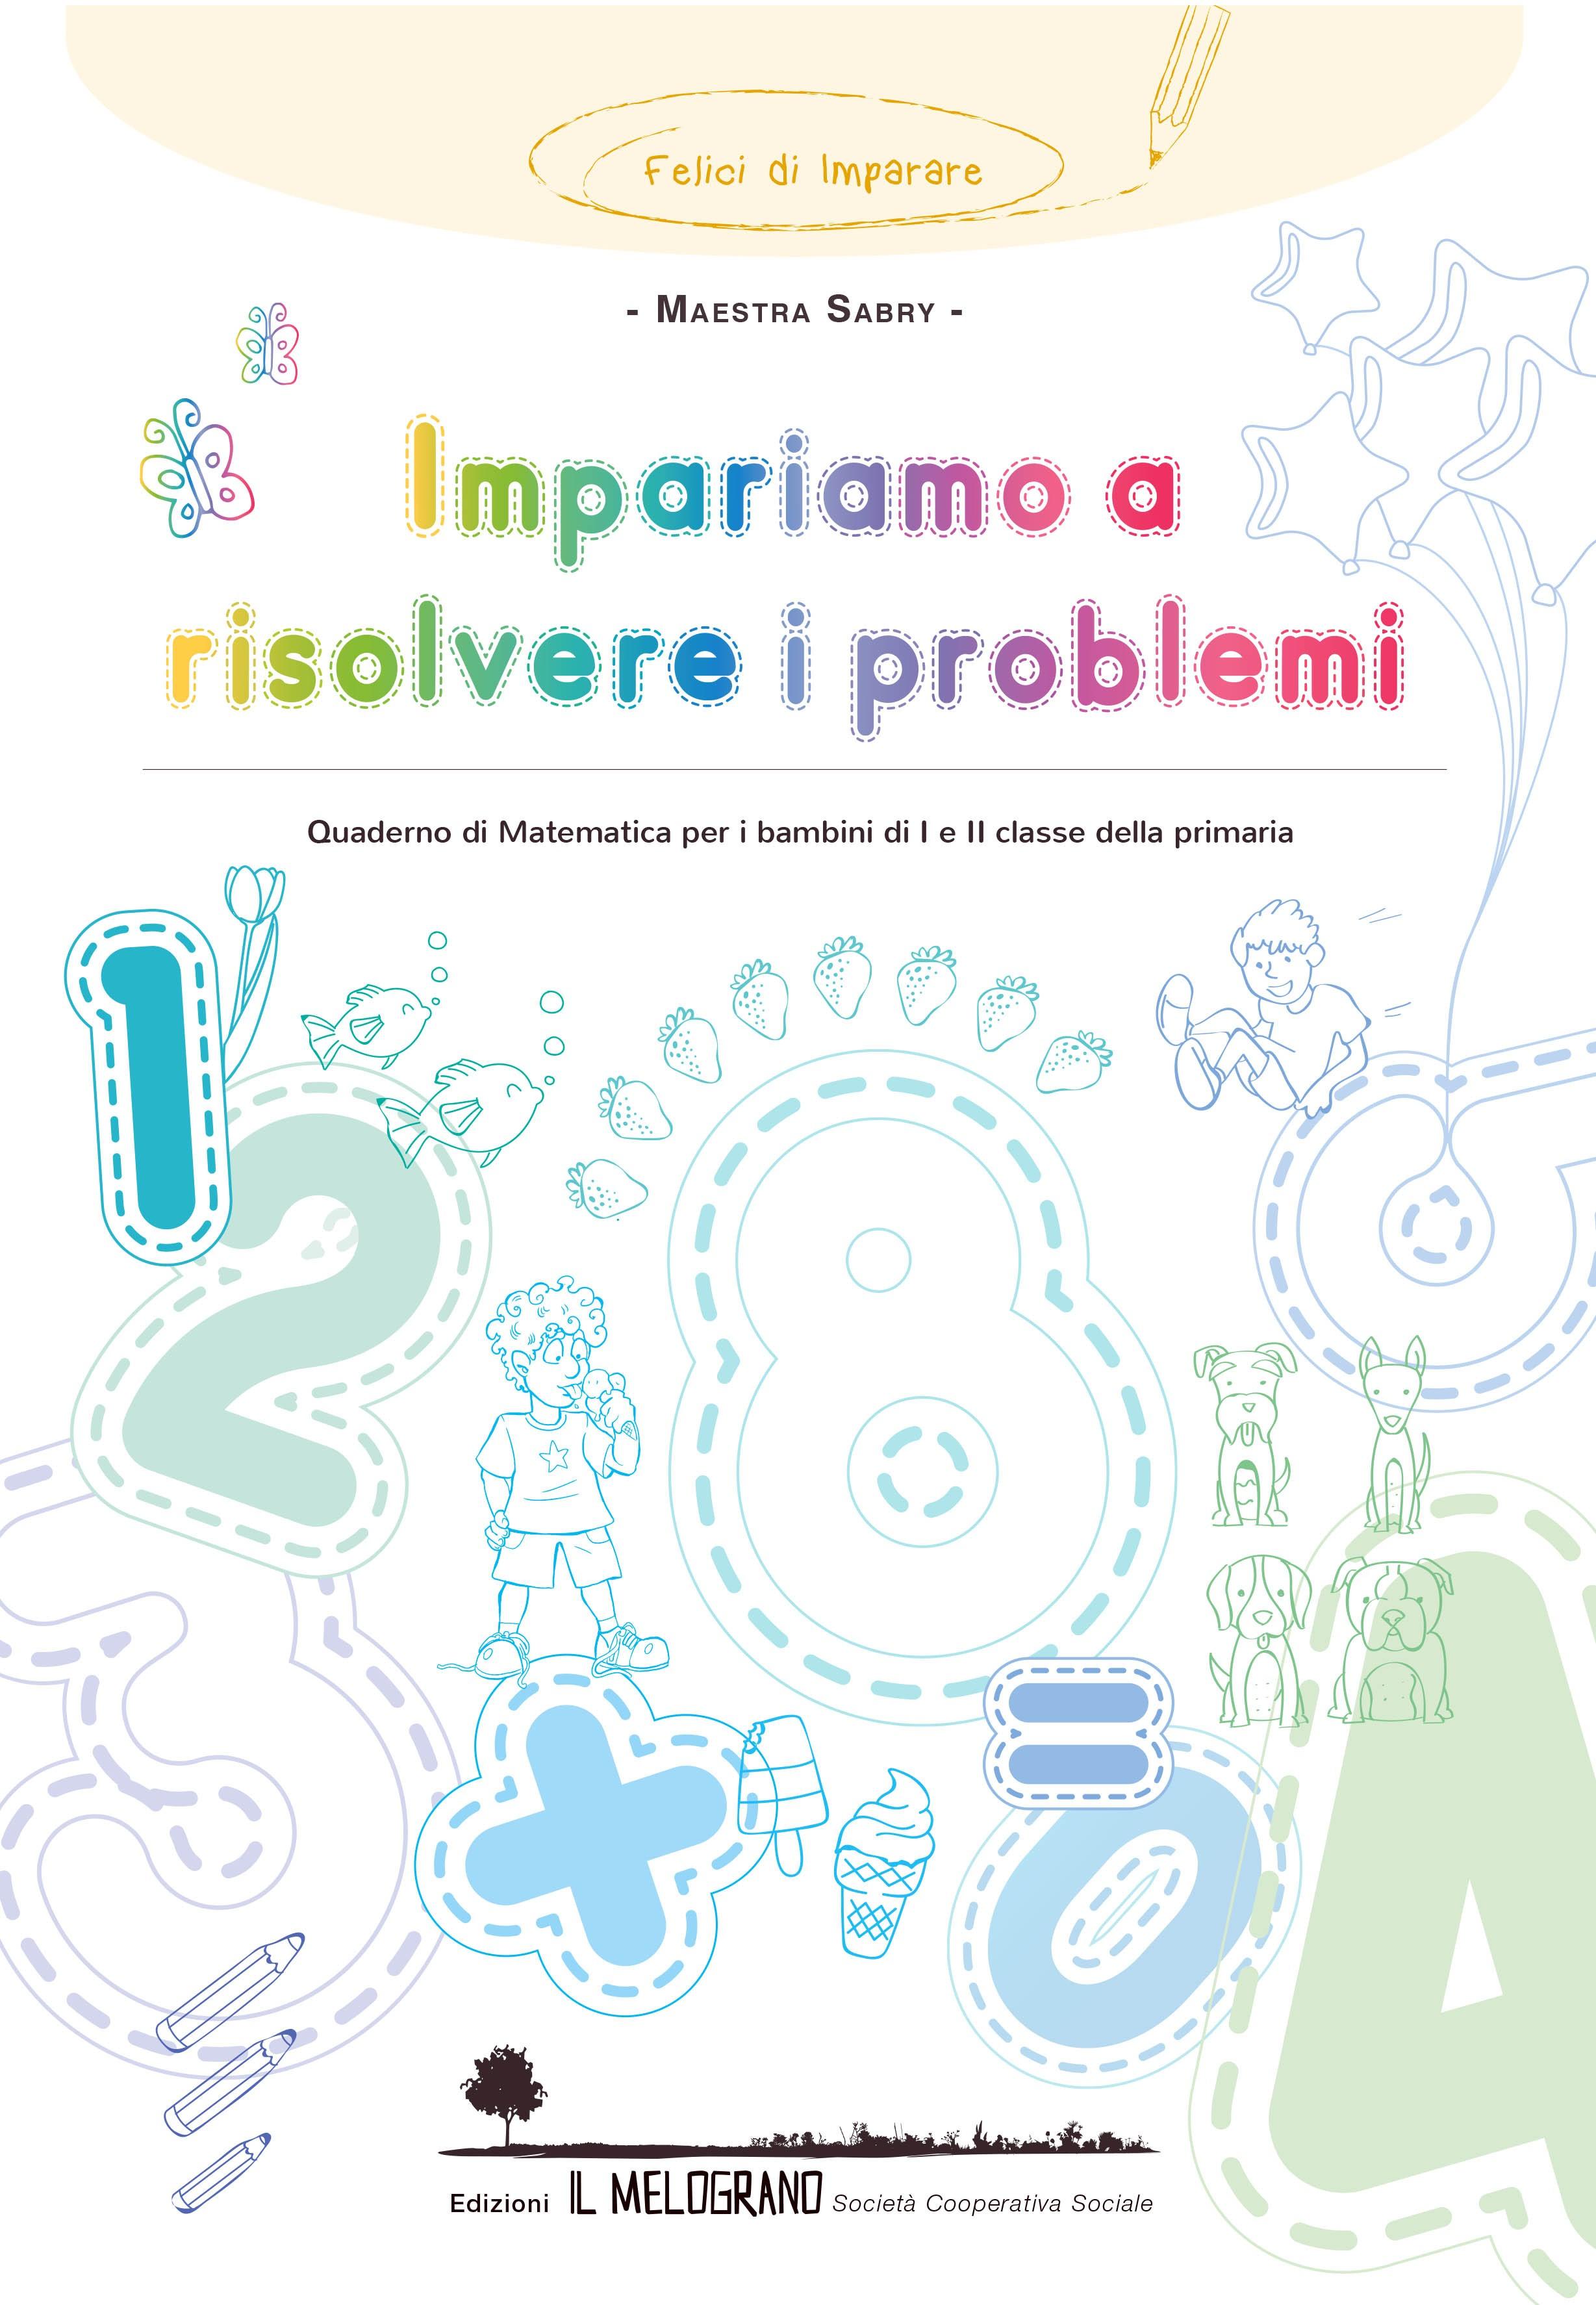 Impariamo A Risolvere I Problemi Quaderno Dei Problemi Di